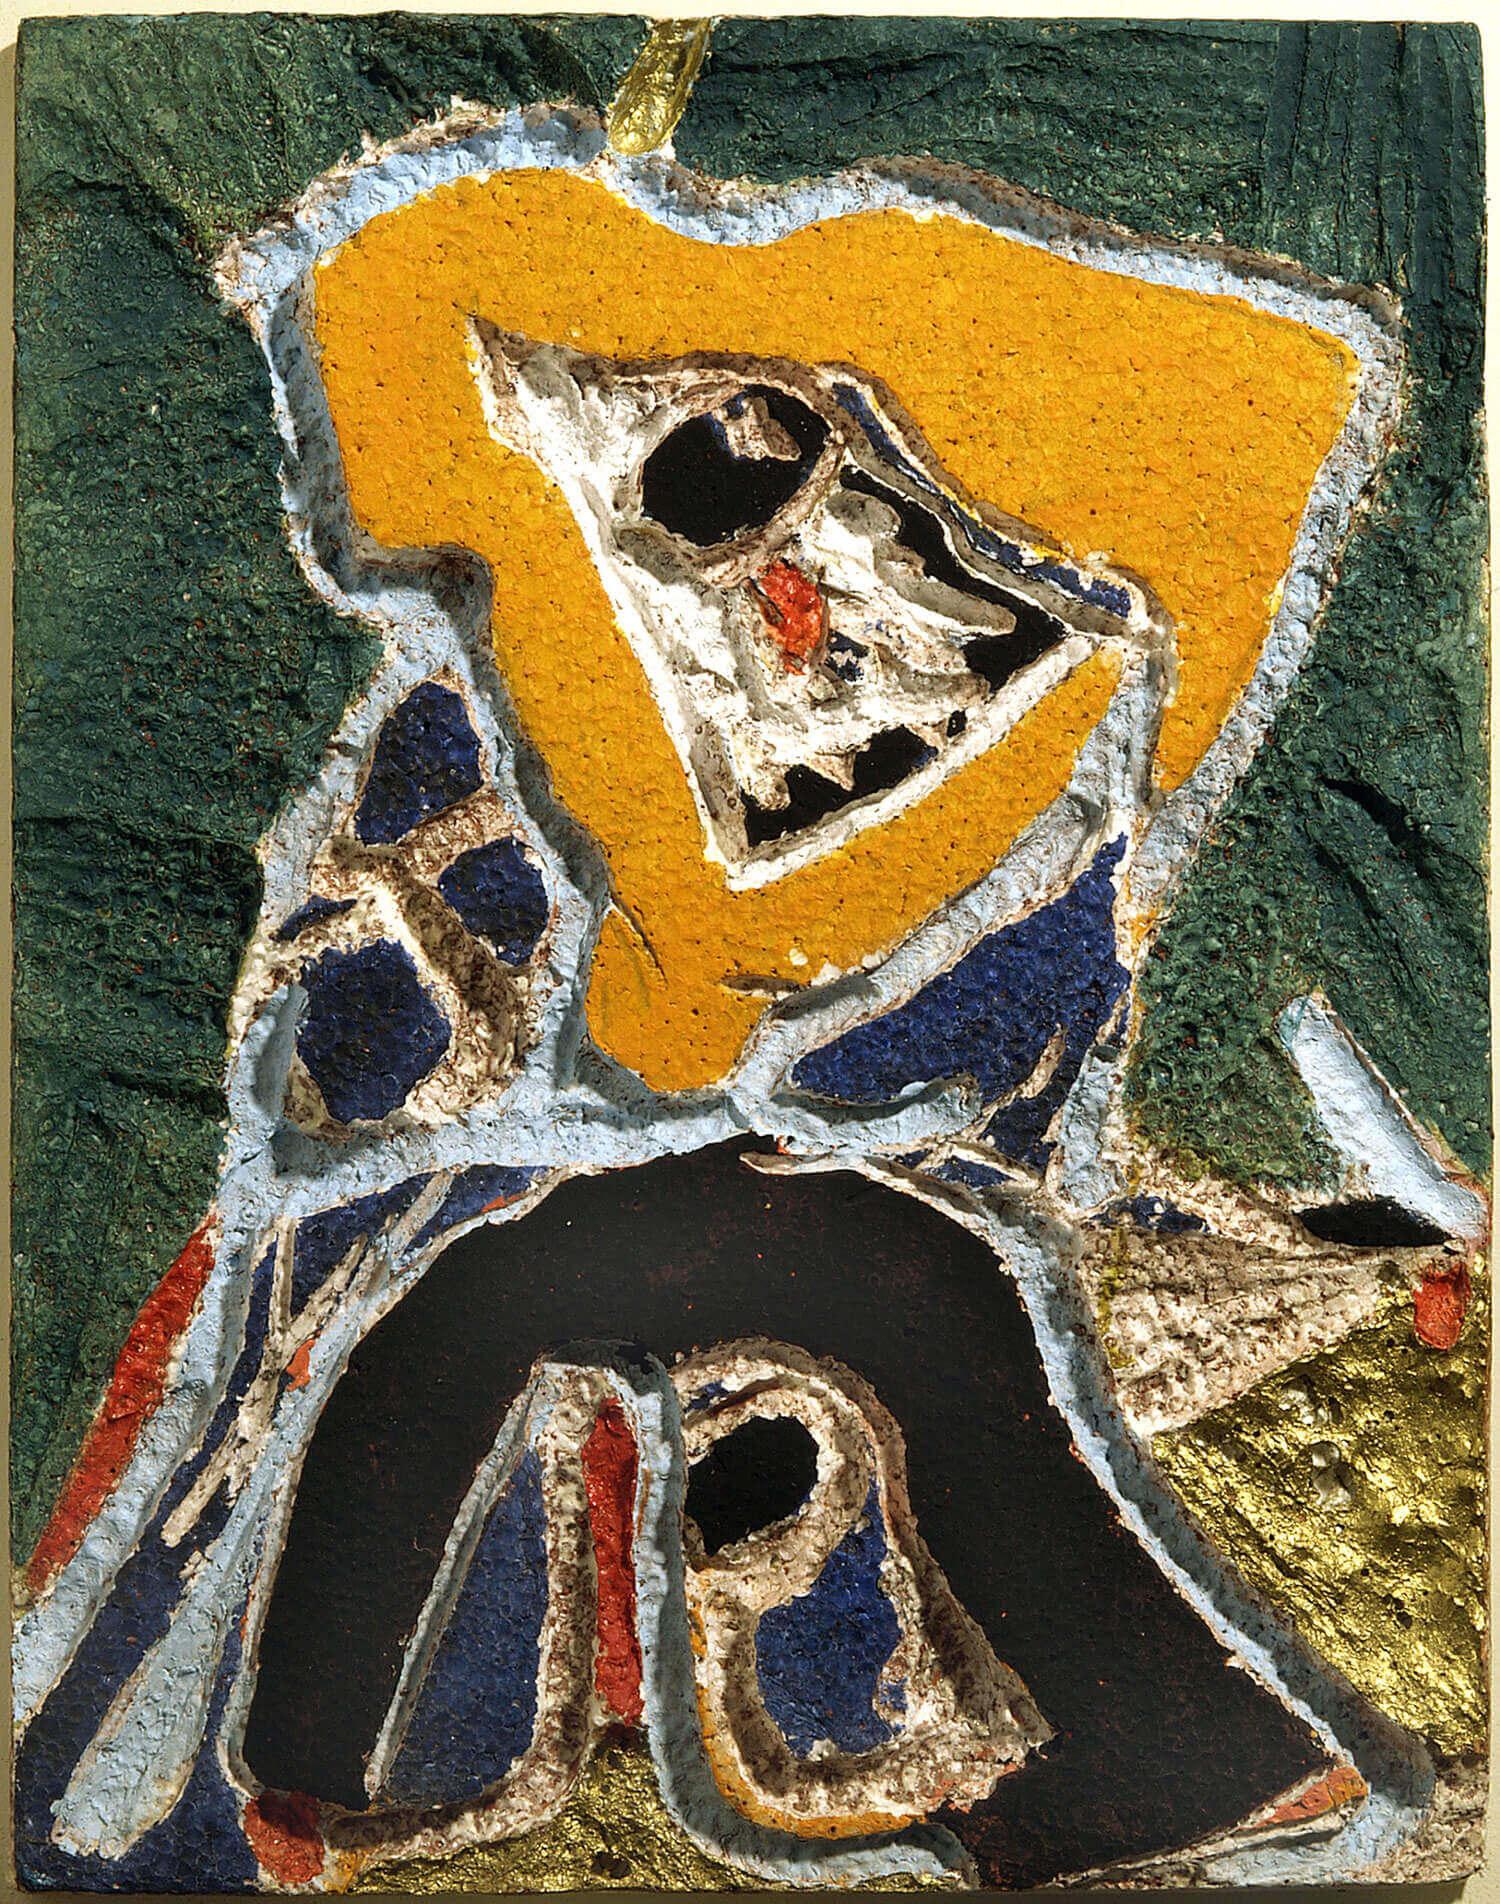 PLASTISK KOLORATUR, 1971 Udskåret skumplast, bemalet og guldbronzeret 46,5 x 37 cm